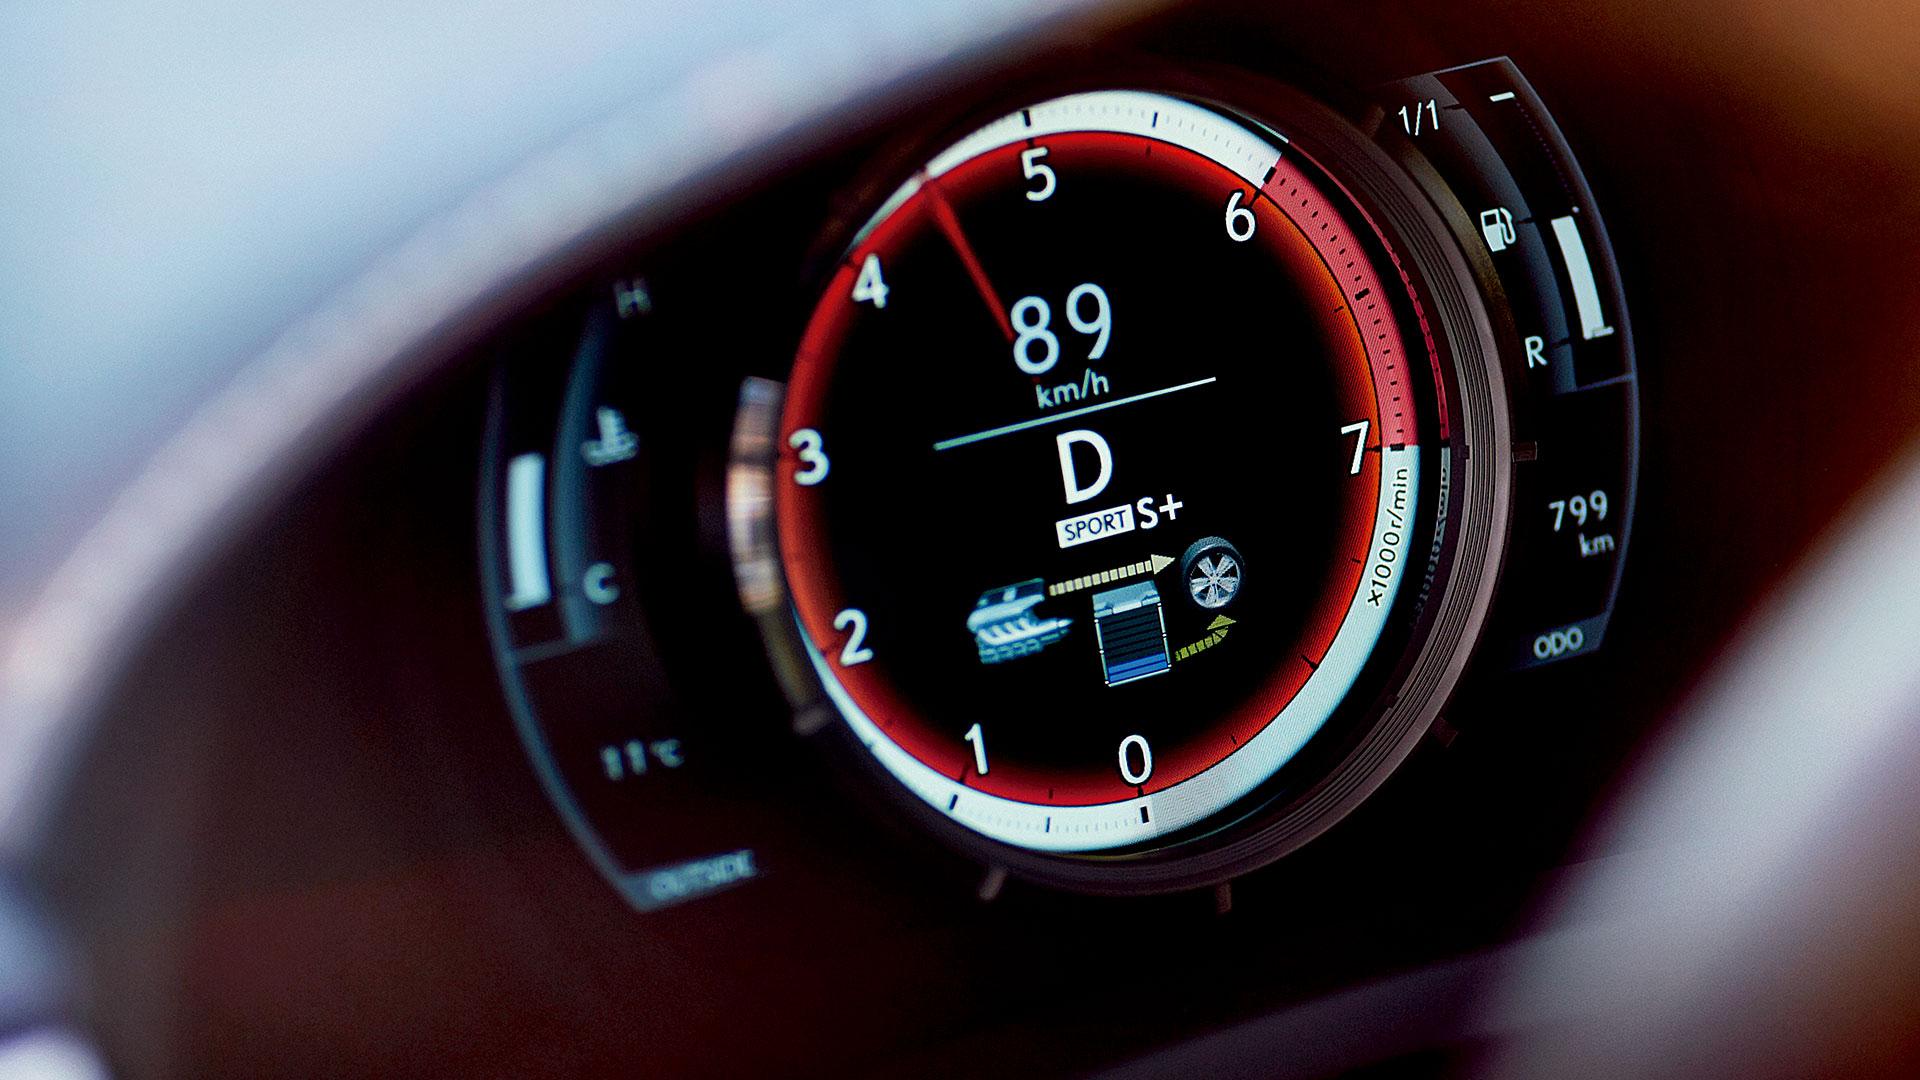 Lexus Dynamic Handling hero asset